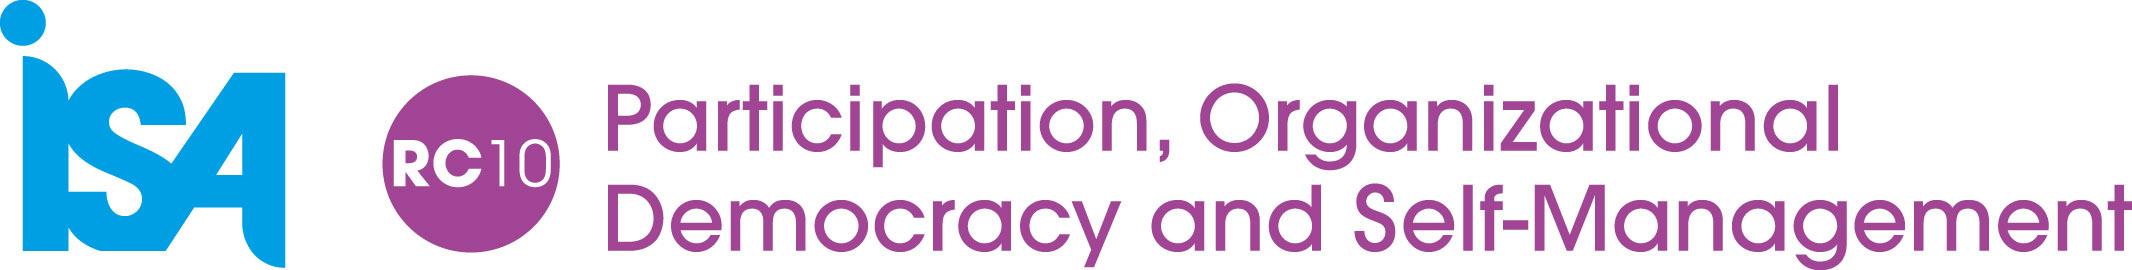 Isa rc10 logo